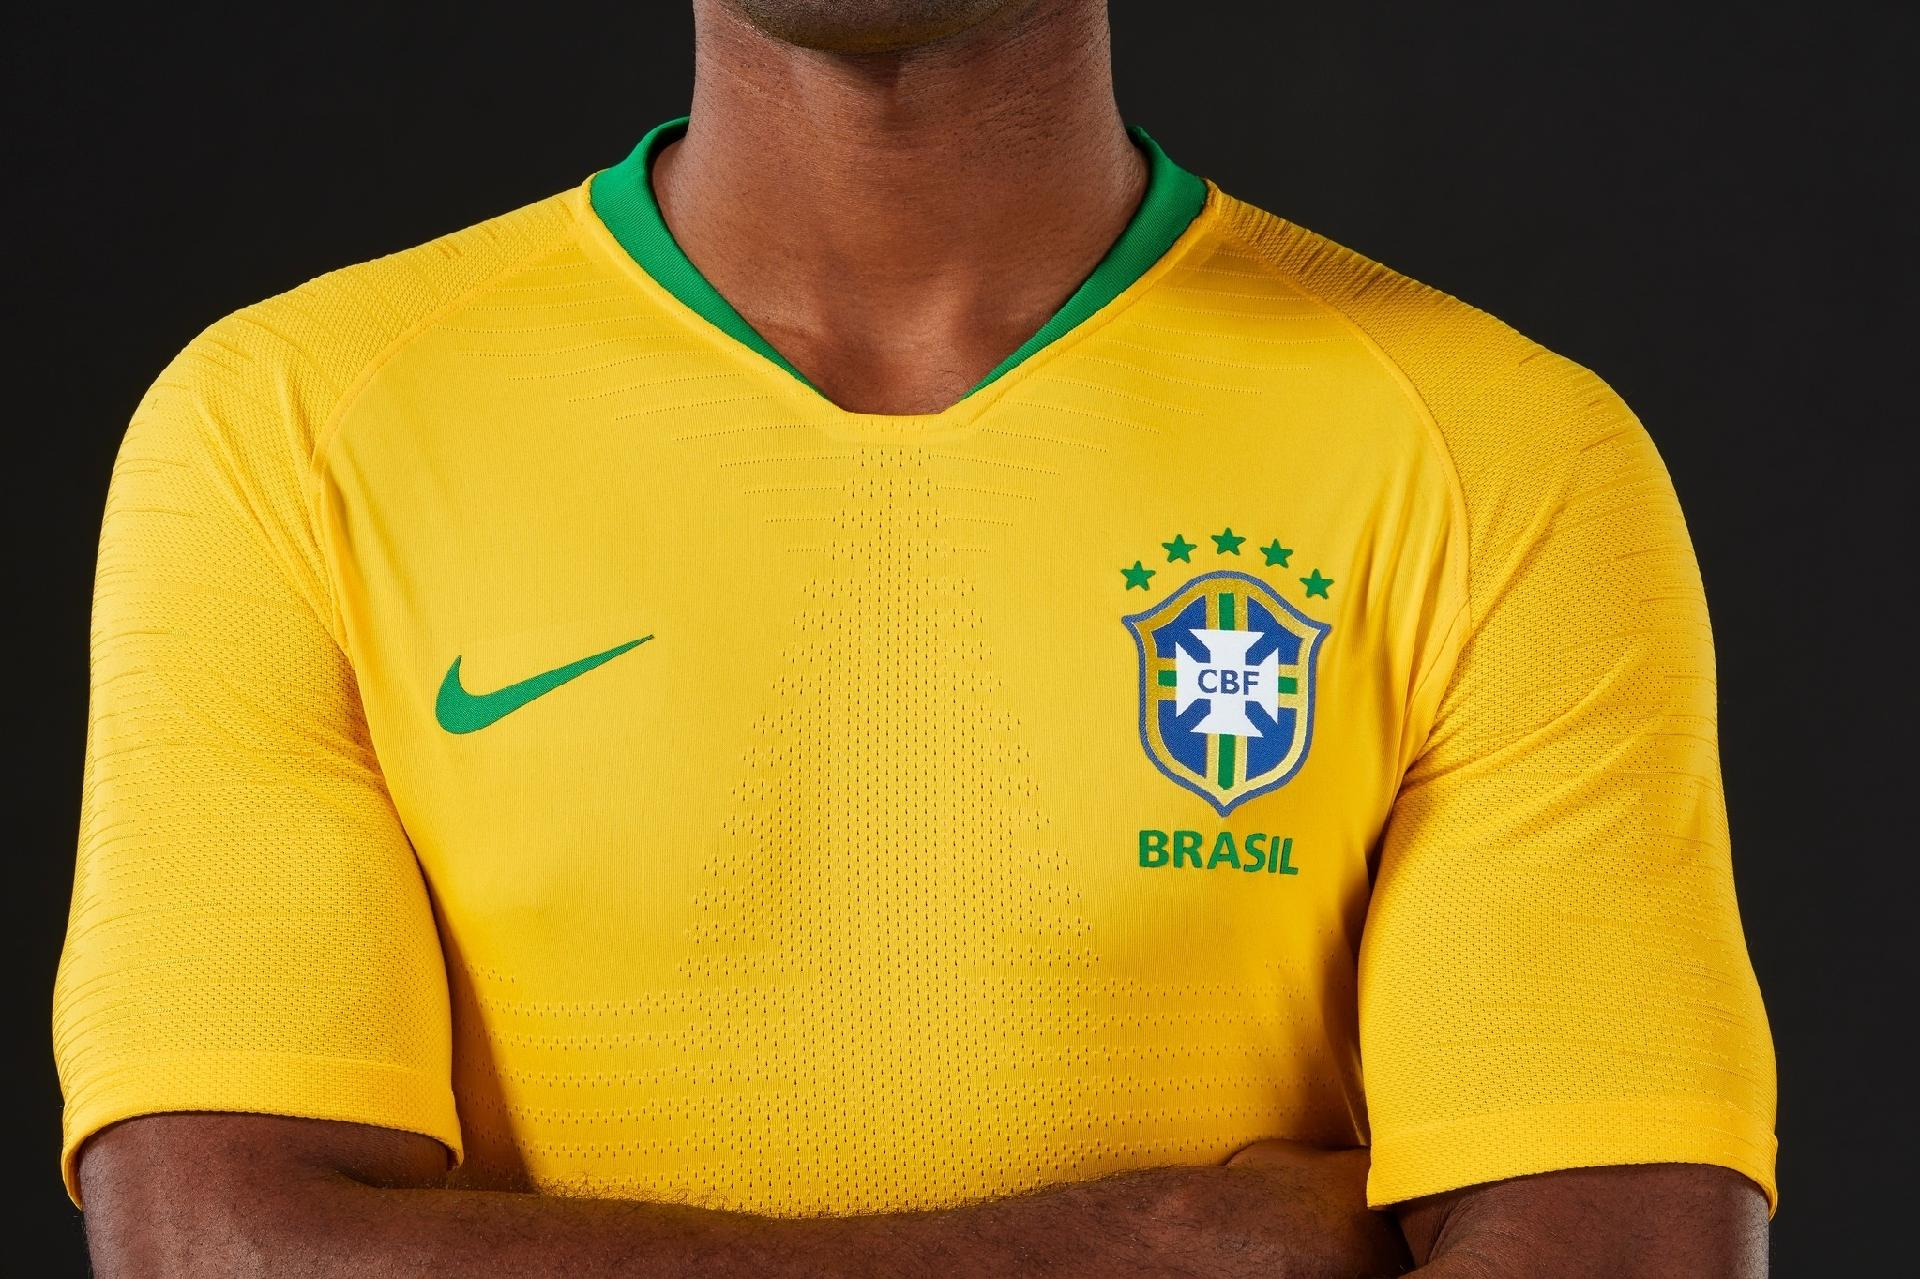 Camisa da seleção brasileira é utilizada em novo golpe do WhatsApp